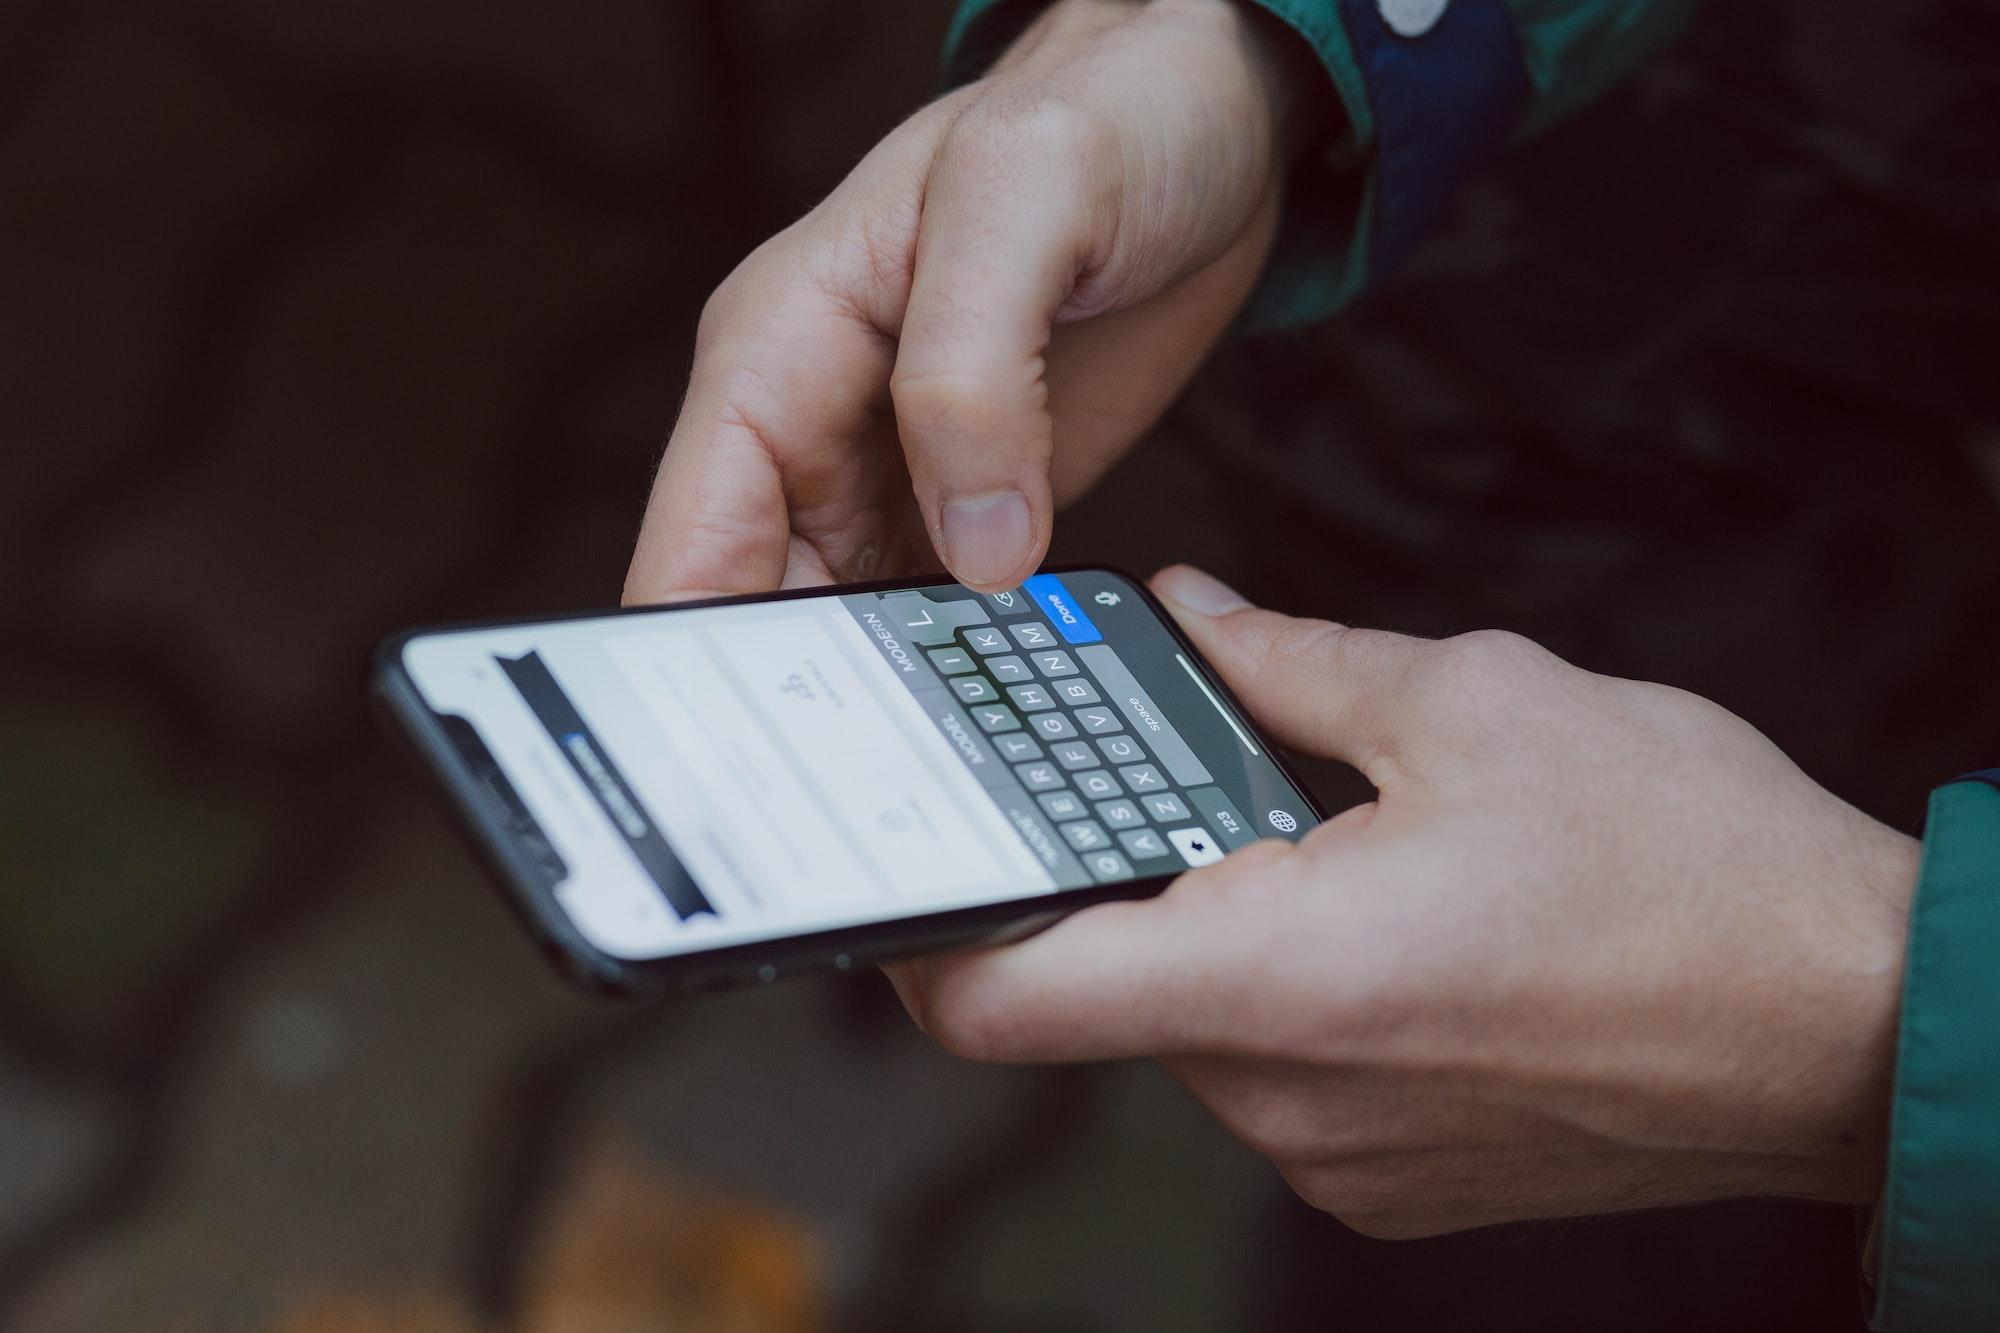 Conhece os truques para ser mais rápido e eficaz a escrever no iPhone